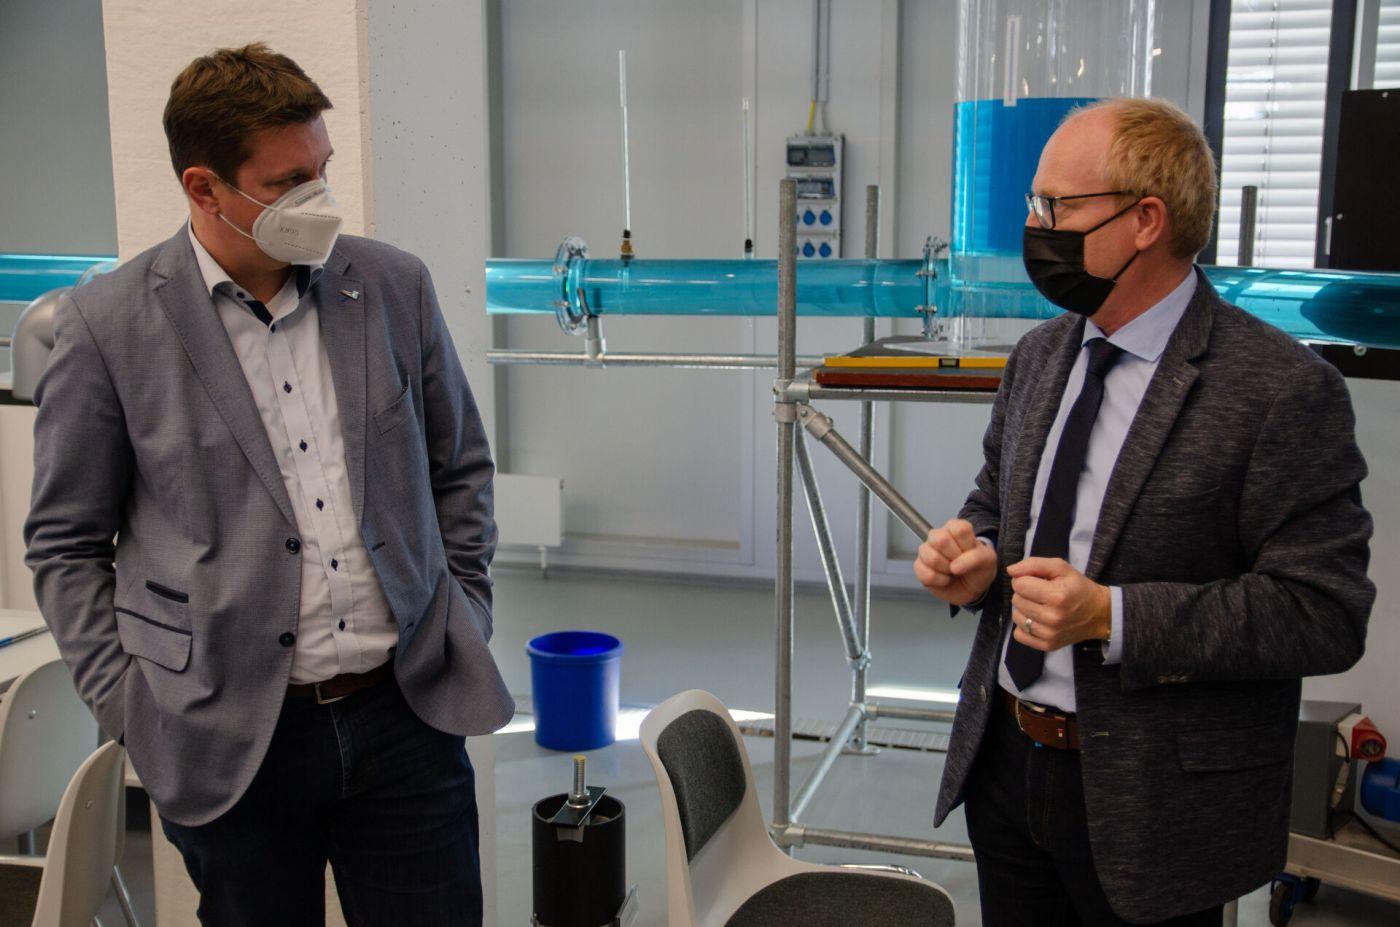 Zwei Männer unterhalten sich in einem Labor. Im Hintergrund befindet sich ein mit Wasser gefülltes Rohrsystem. (Foto: FH Münster/Frederik Tebbe)